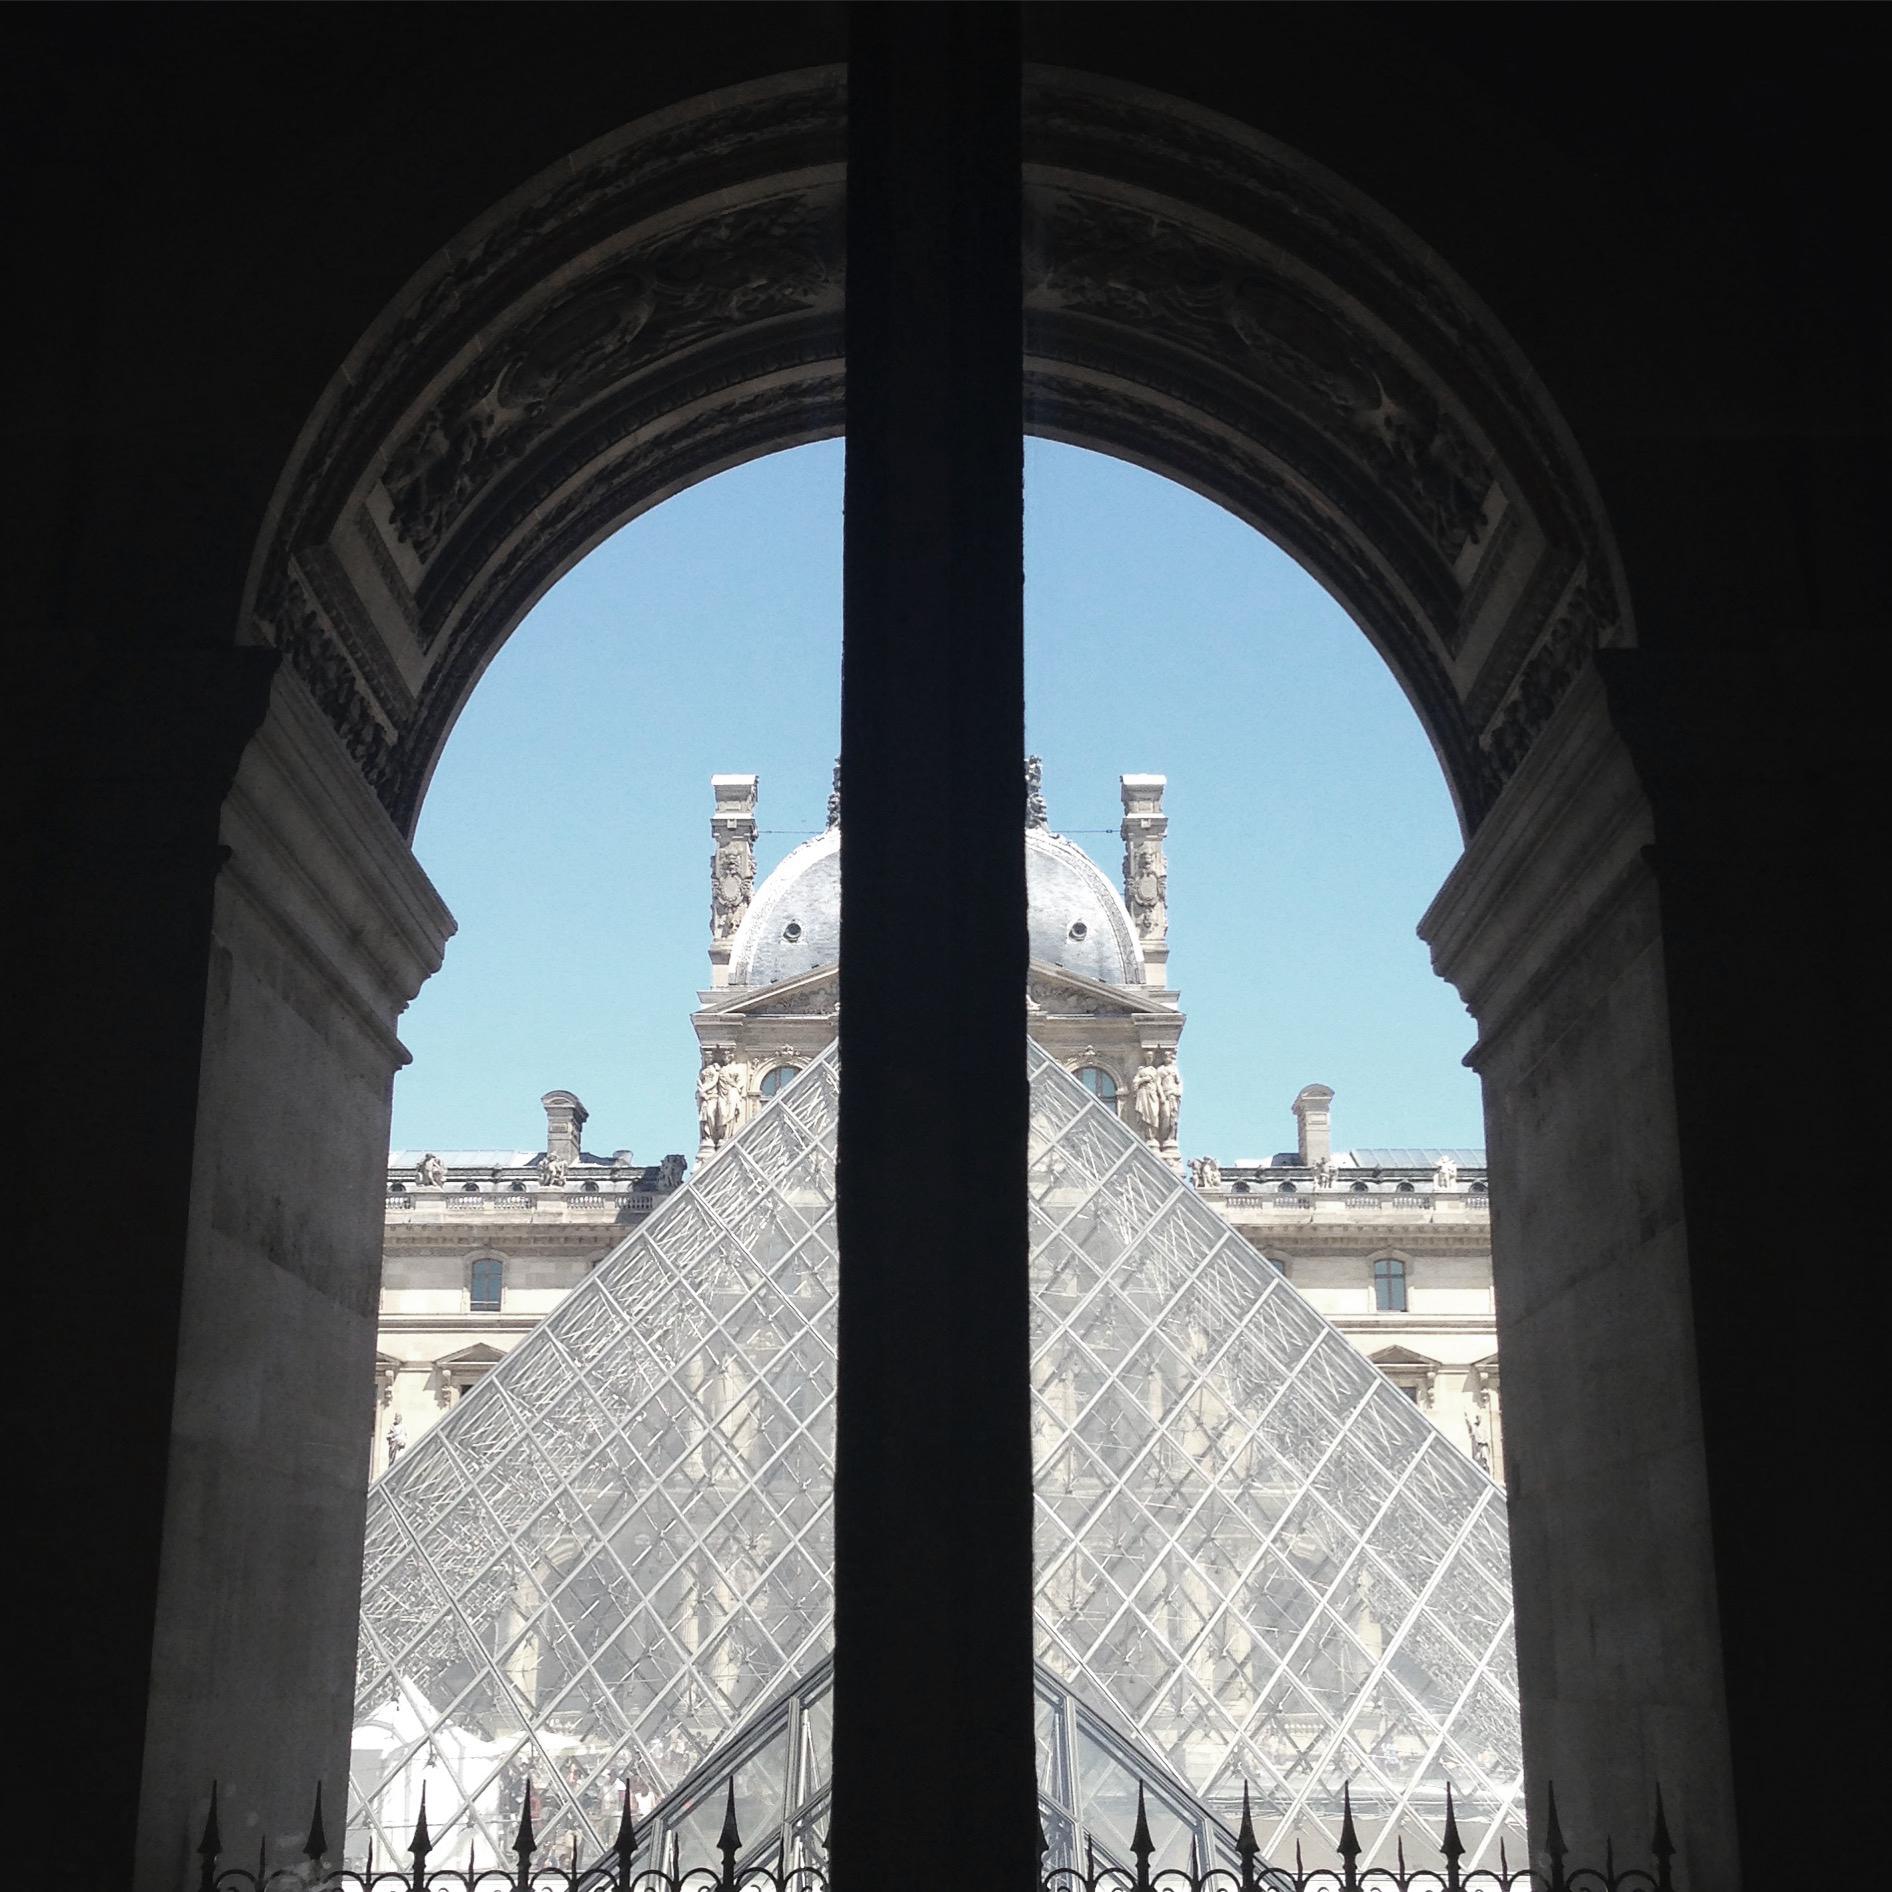 Lozidaze_Louvre_01